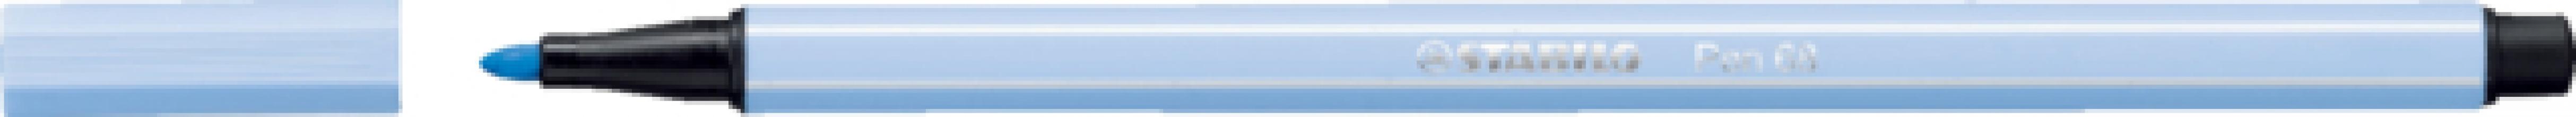 ,Viltstift stabilo 68/11 licht kobaltblauw